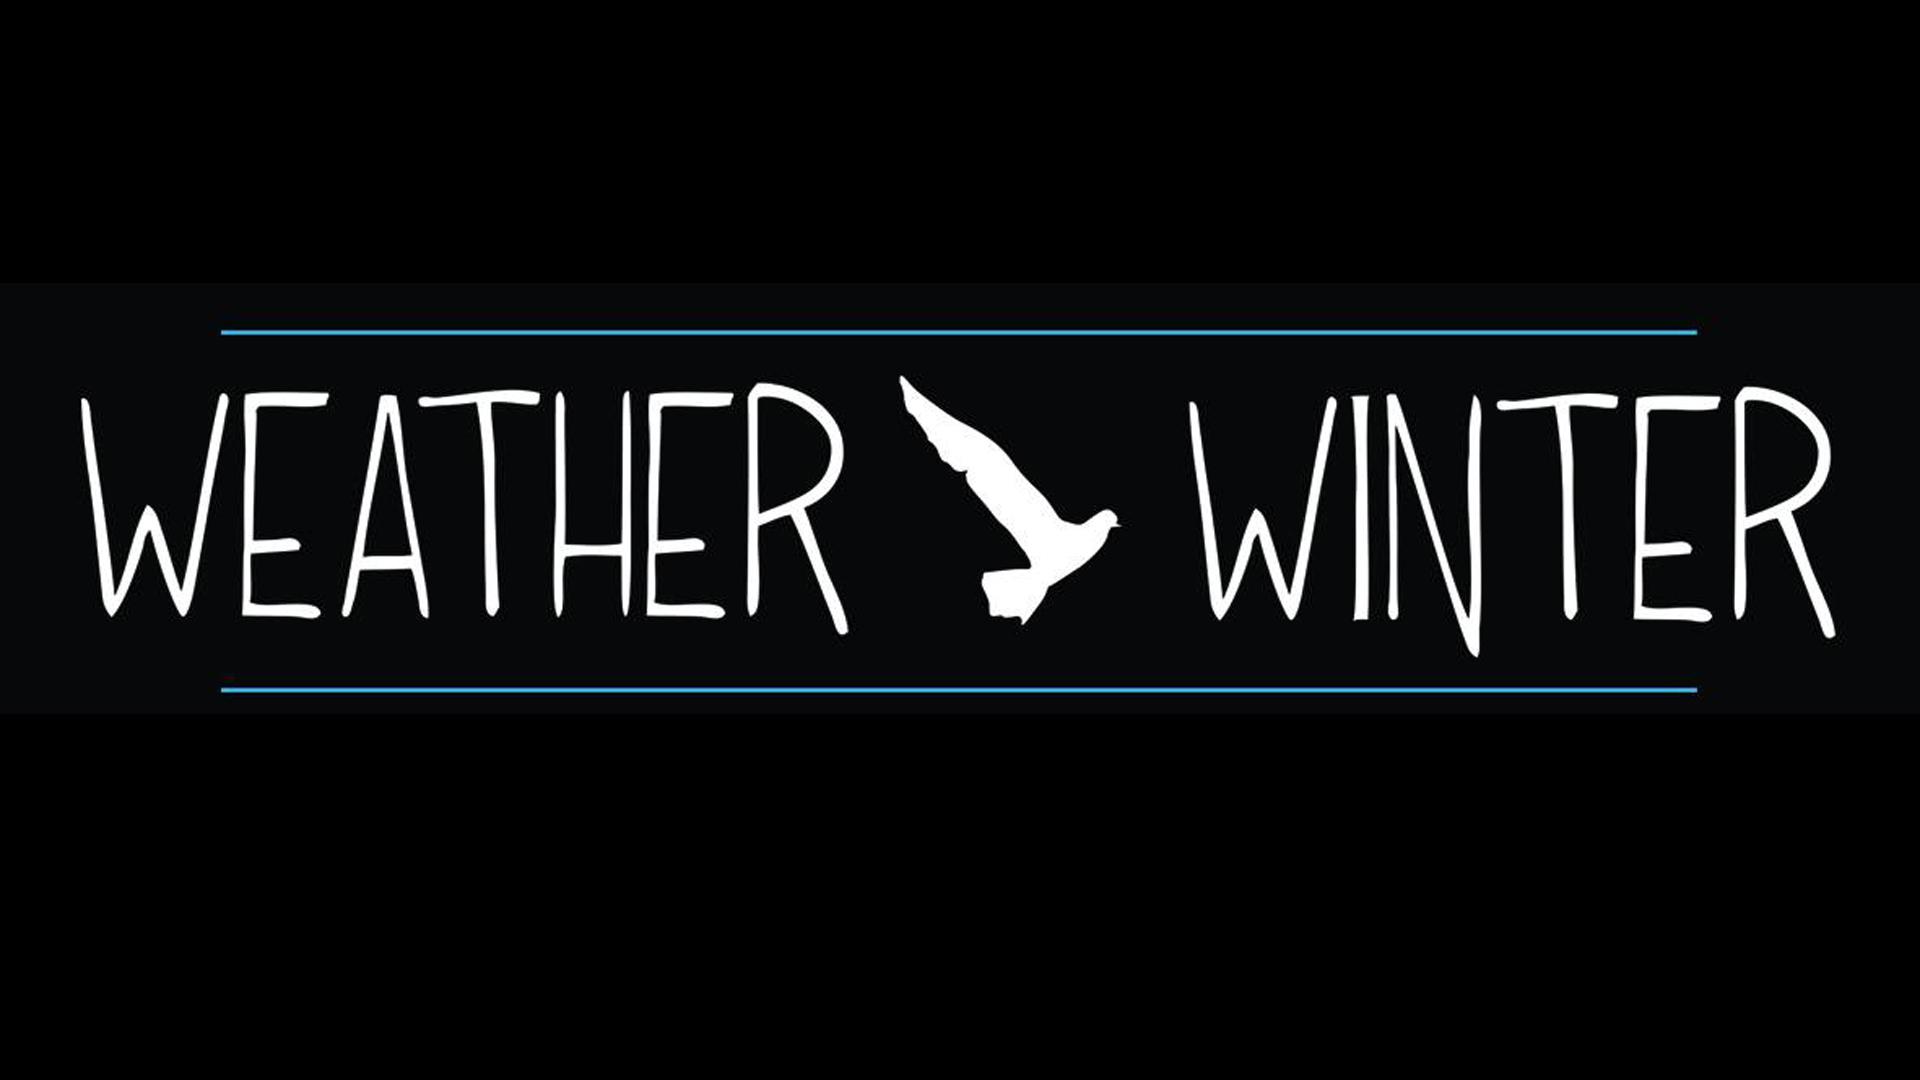 Concours – Gagnez vos places pour la Weather Winter de ce week end !